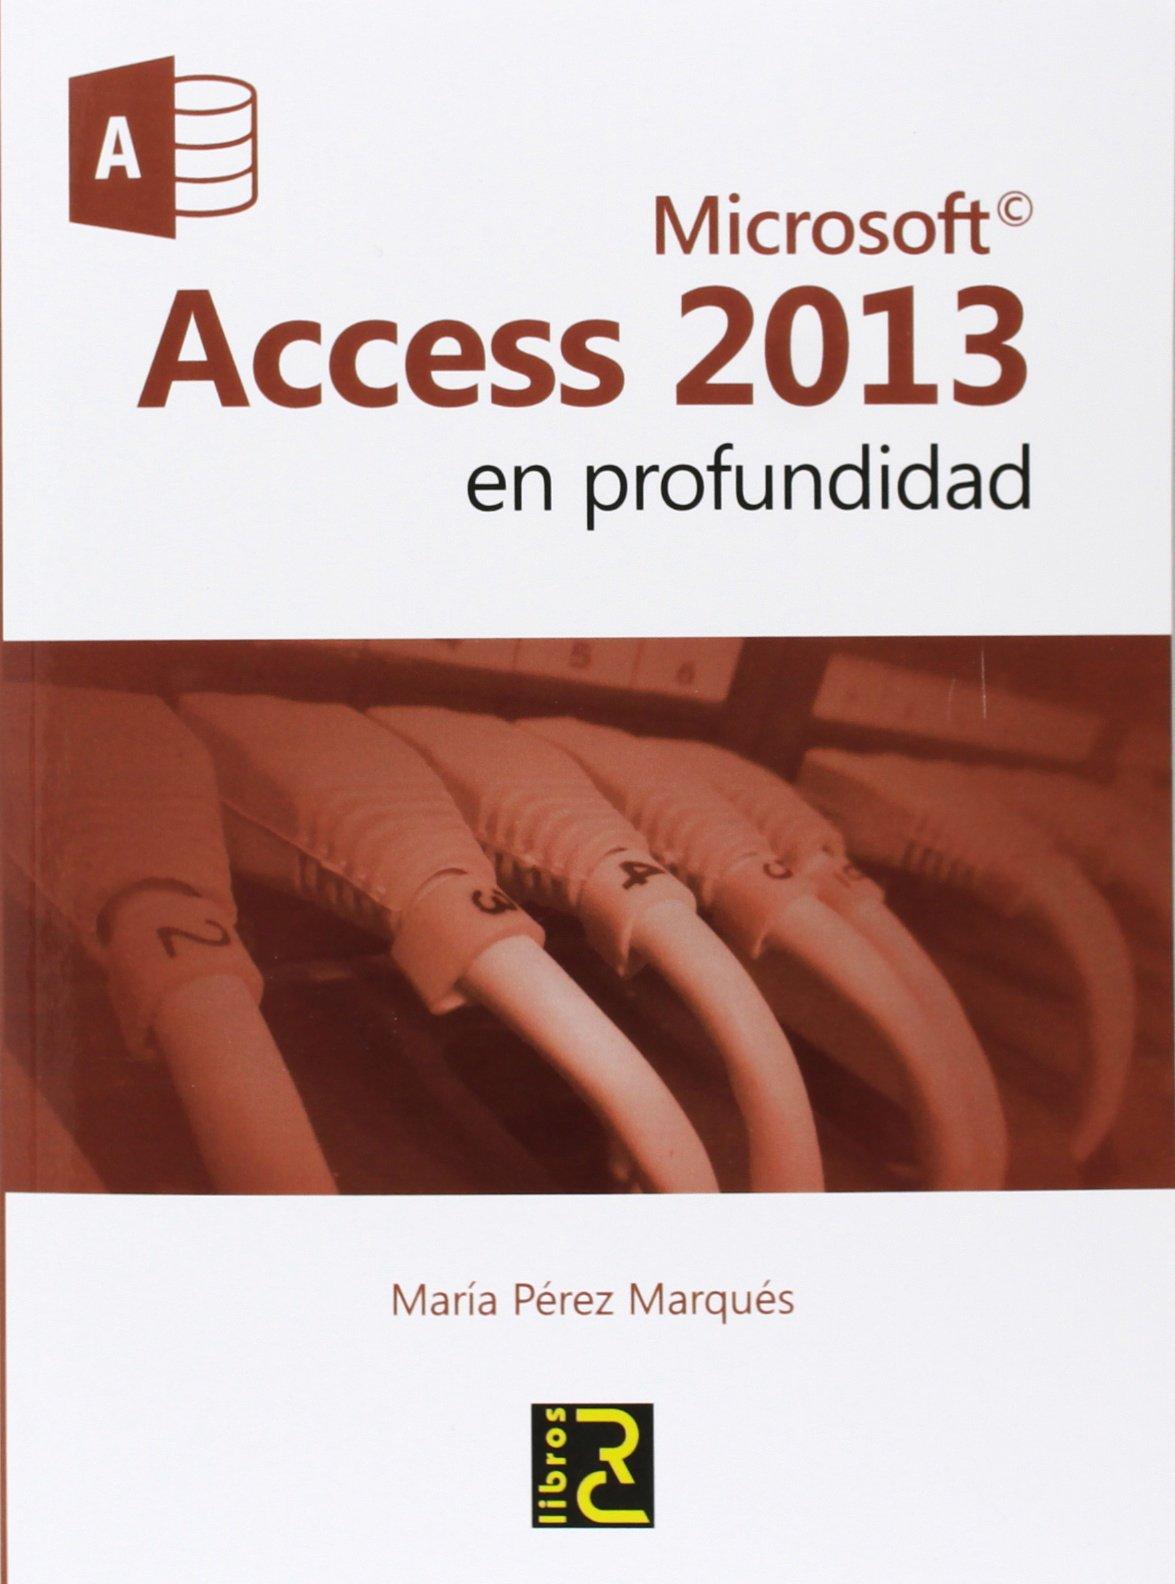 Microsoft ACCESS 2013 en profundidad Tapa blanda – 20 ene 2014 María Pérez Marqués RC Libros 8494180126 SAP (Systems